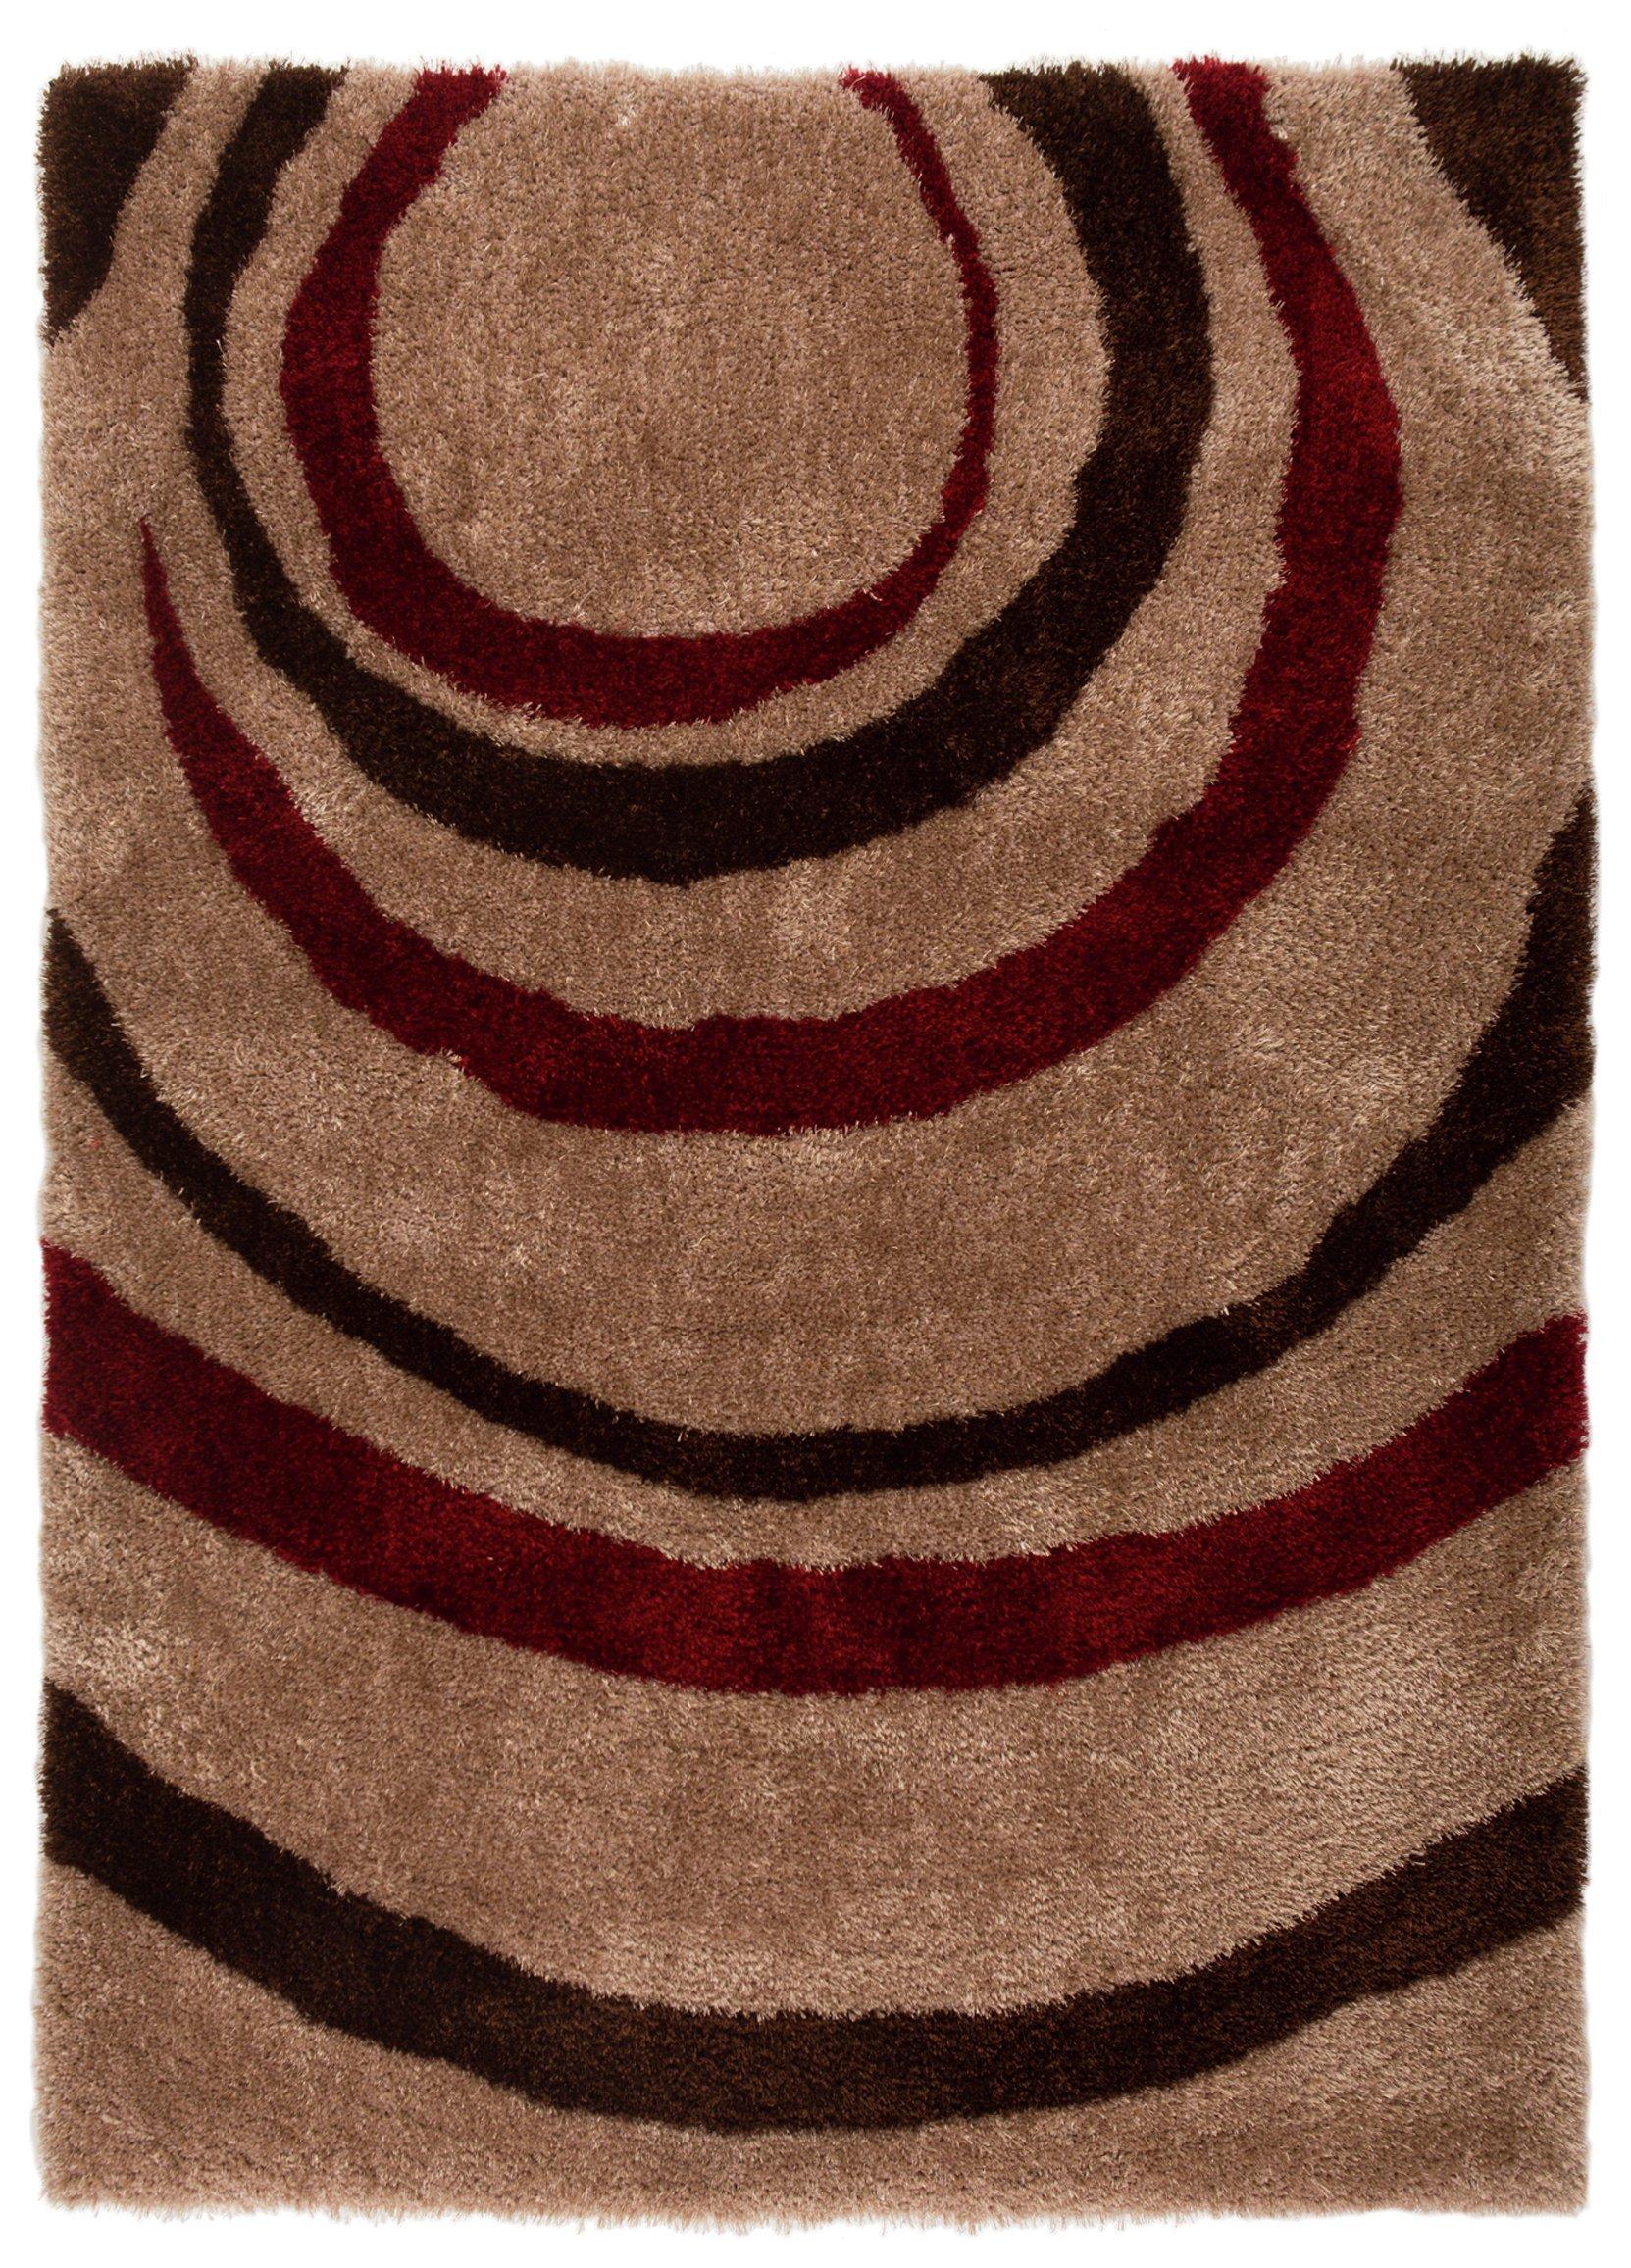 equator rug 160x230cm red. Black Bedroom Furniture Sets. Home Design Ideas